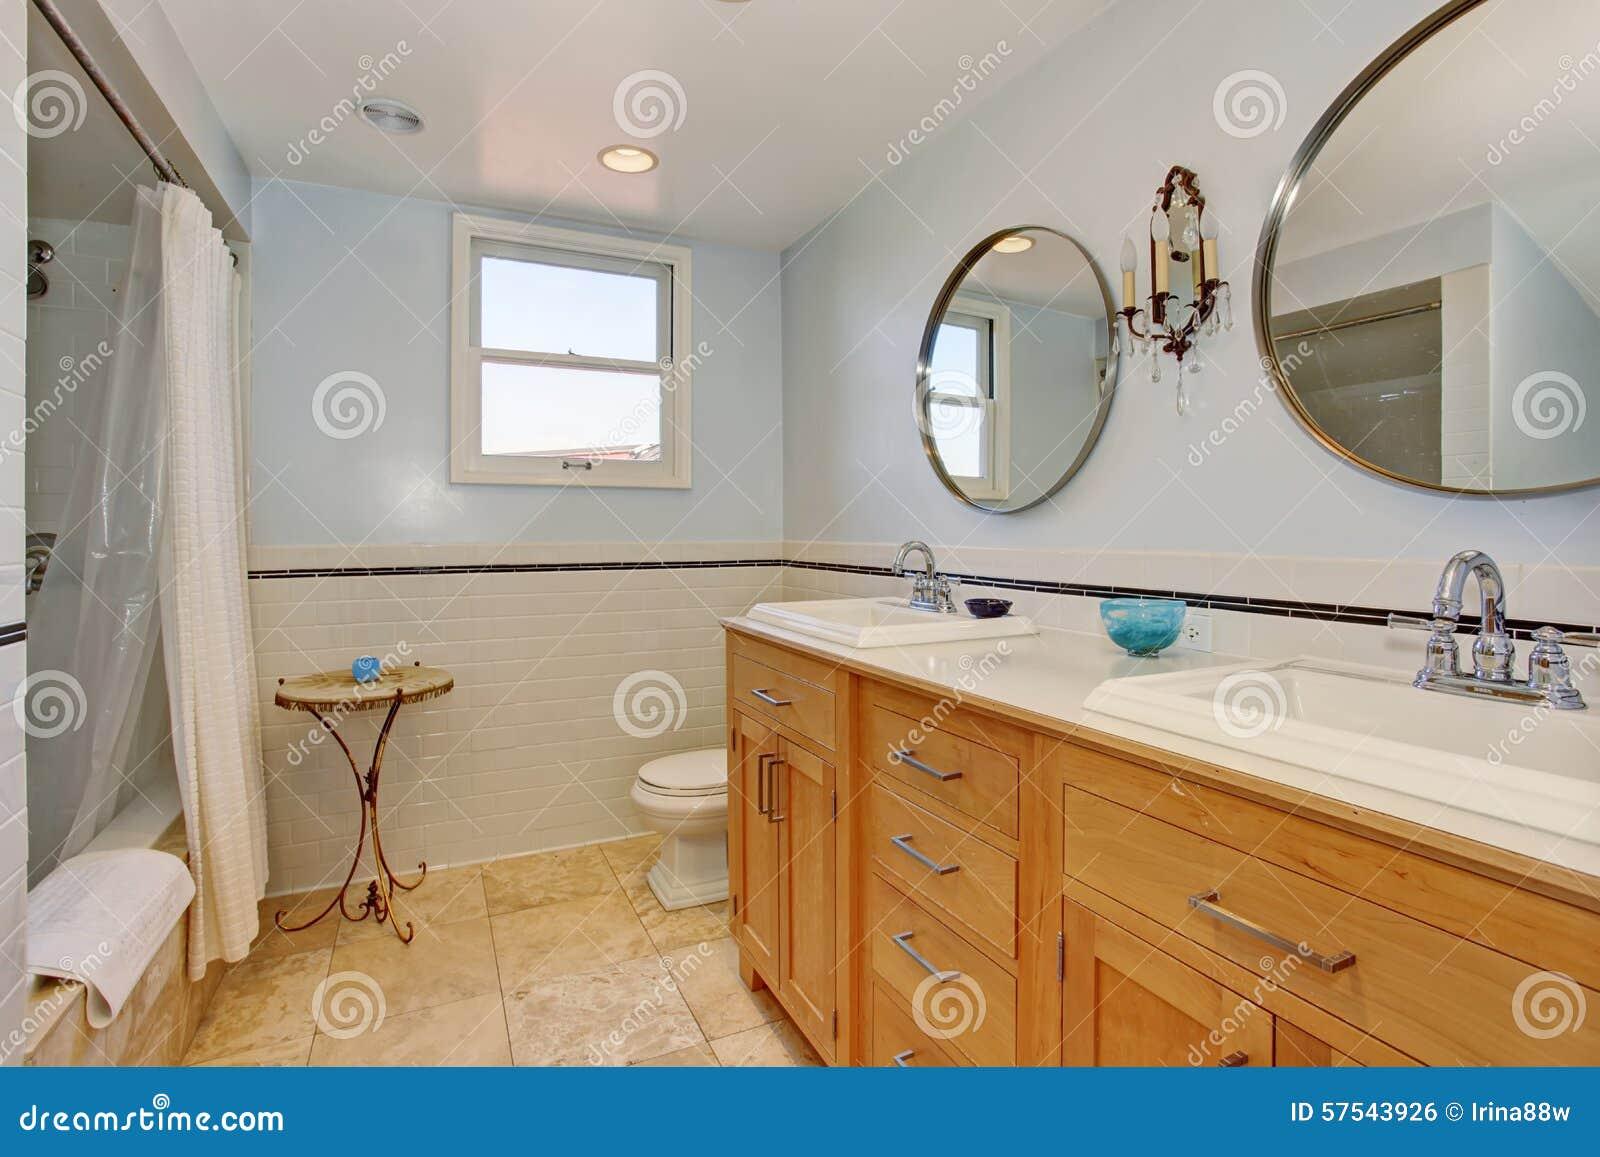 Modernes badezimmer mit zwei ovalen spiegeln und weißer duschvorhang